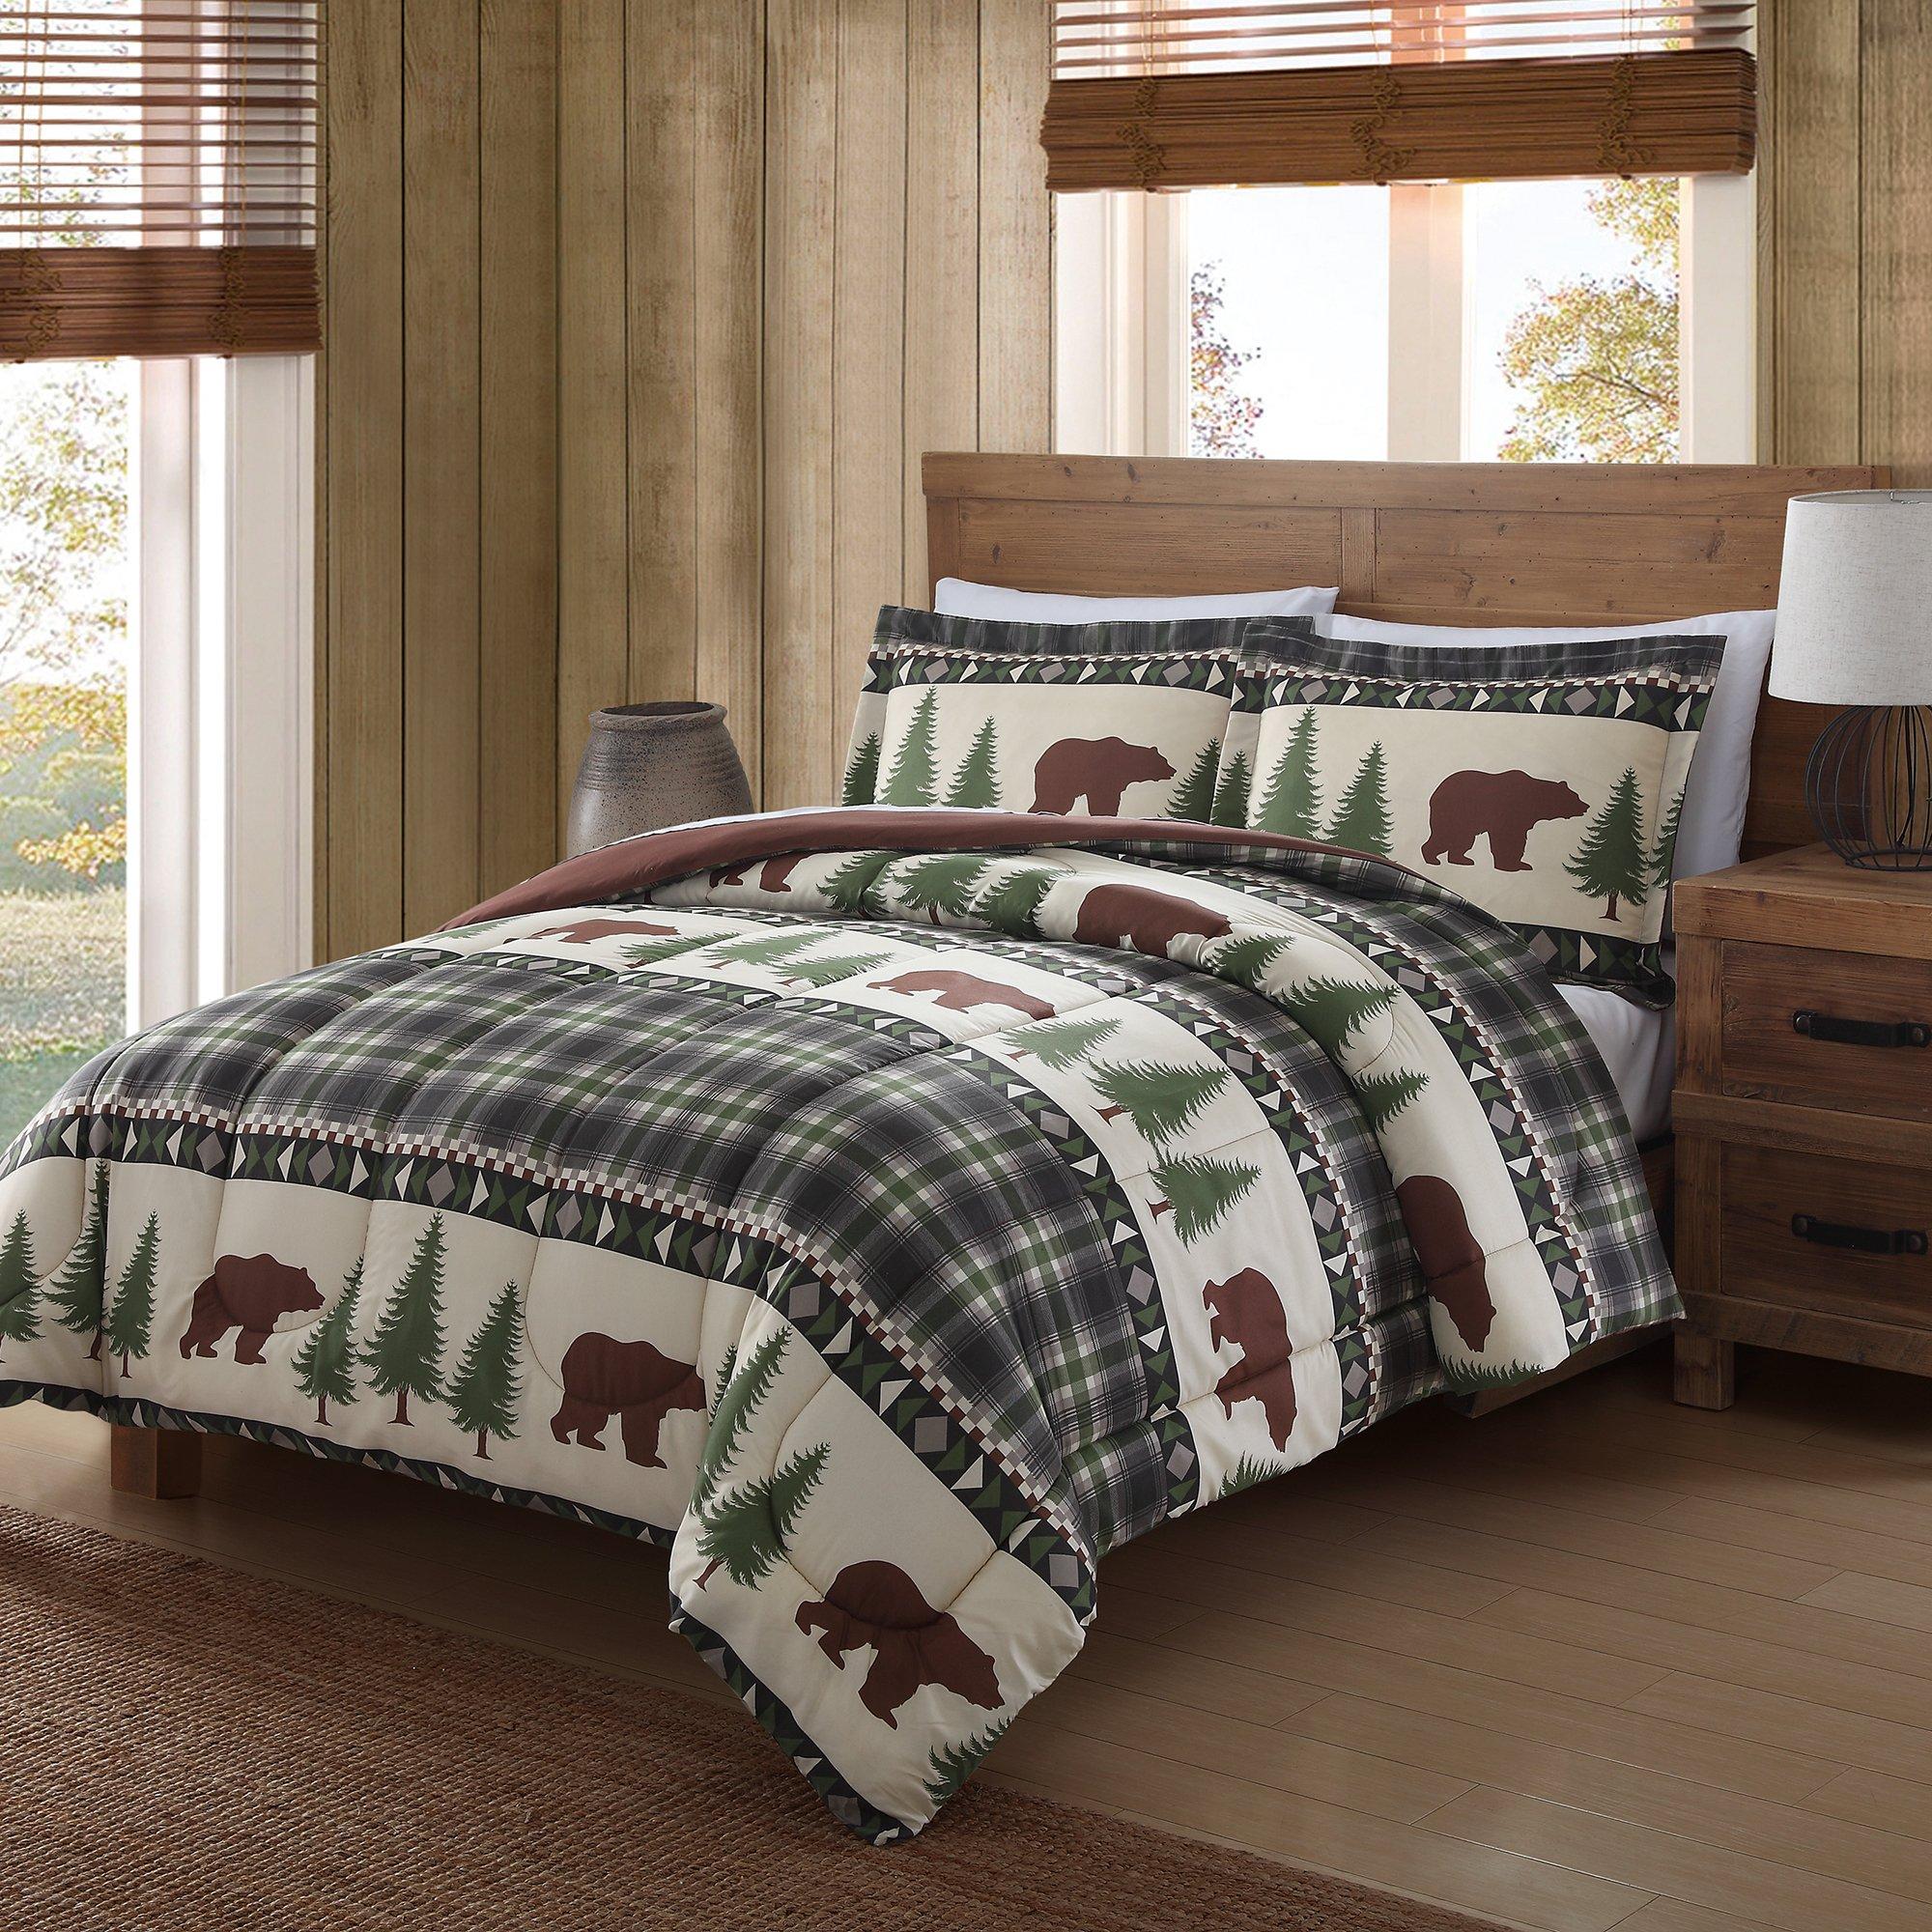 Remington Mini Comforter Set, Full/Queen, Boucher Woods